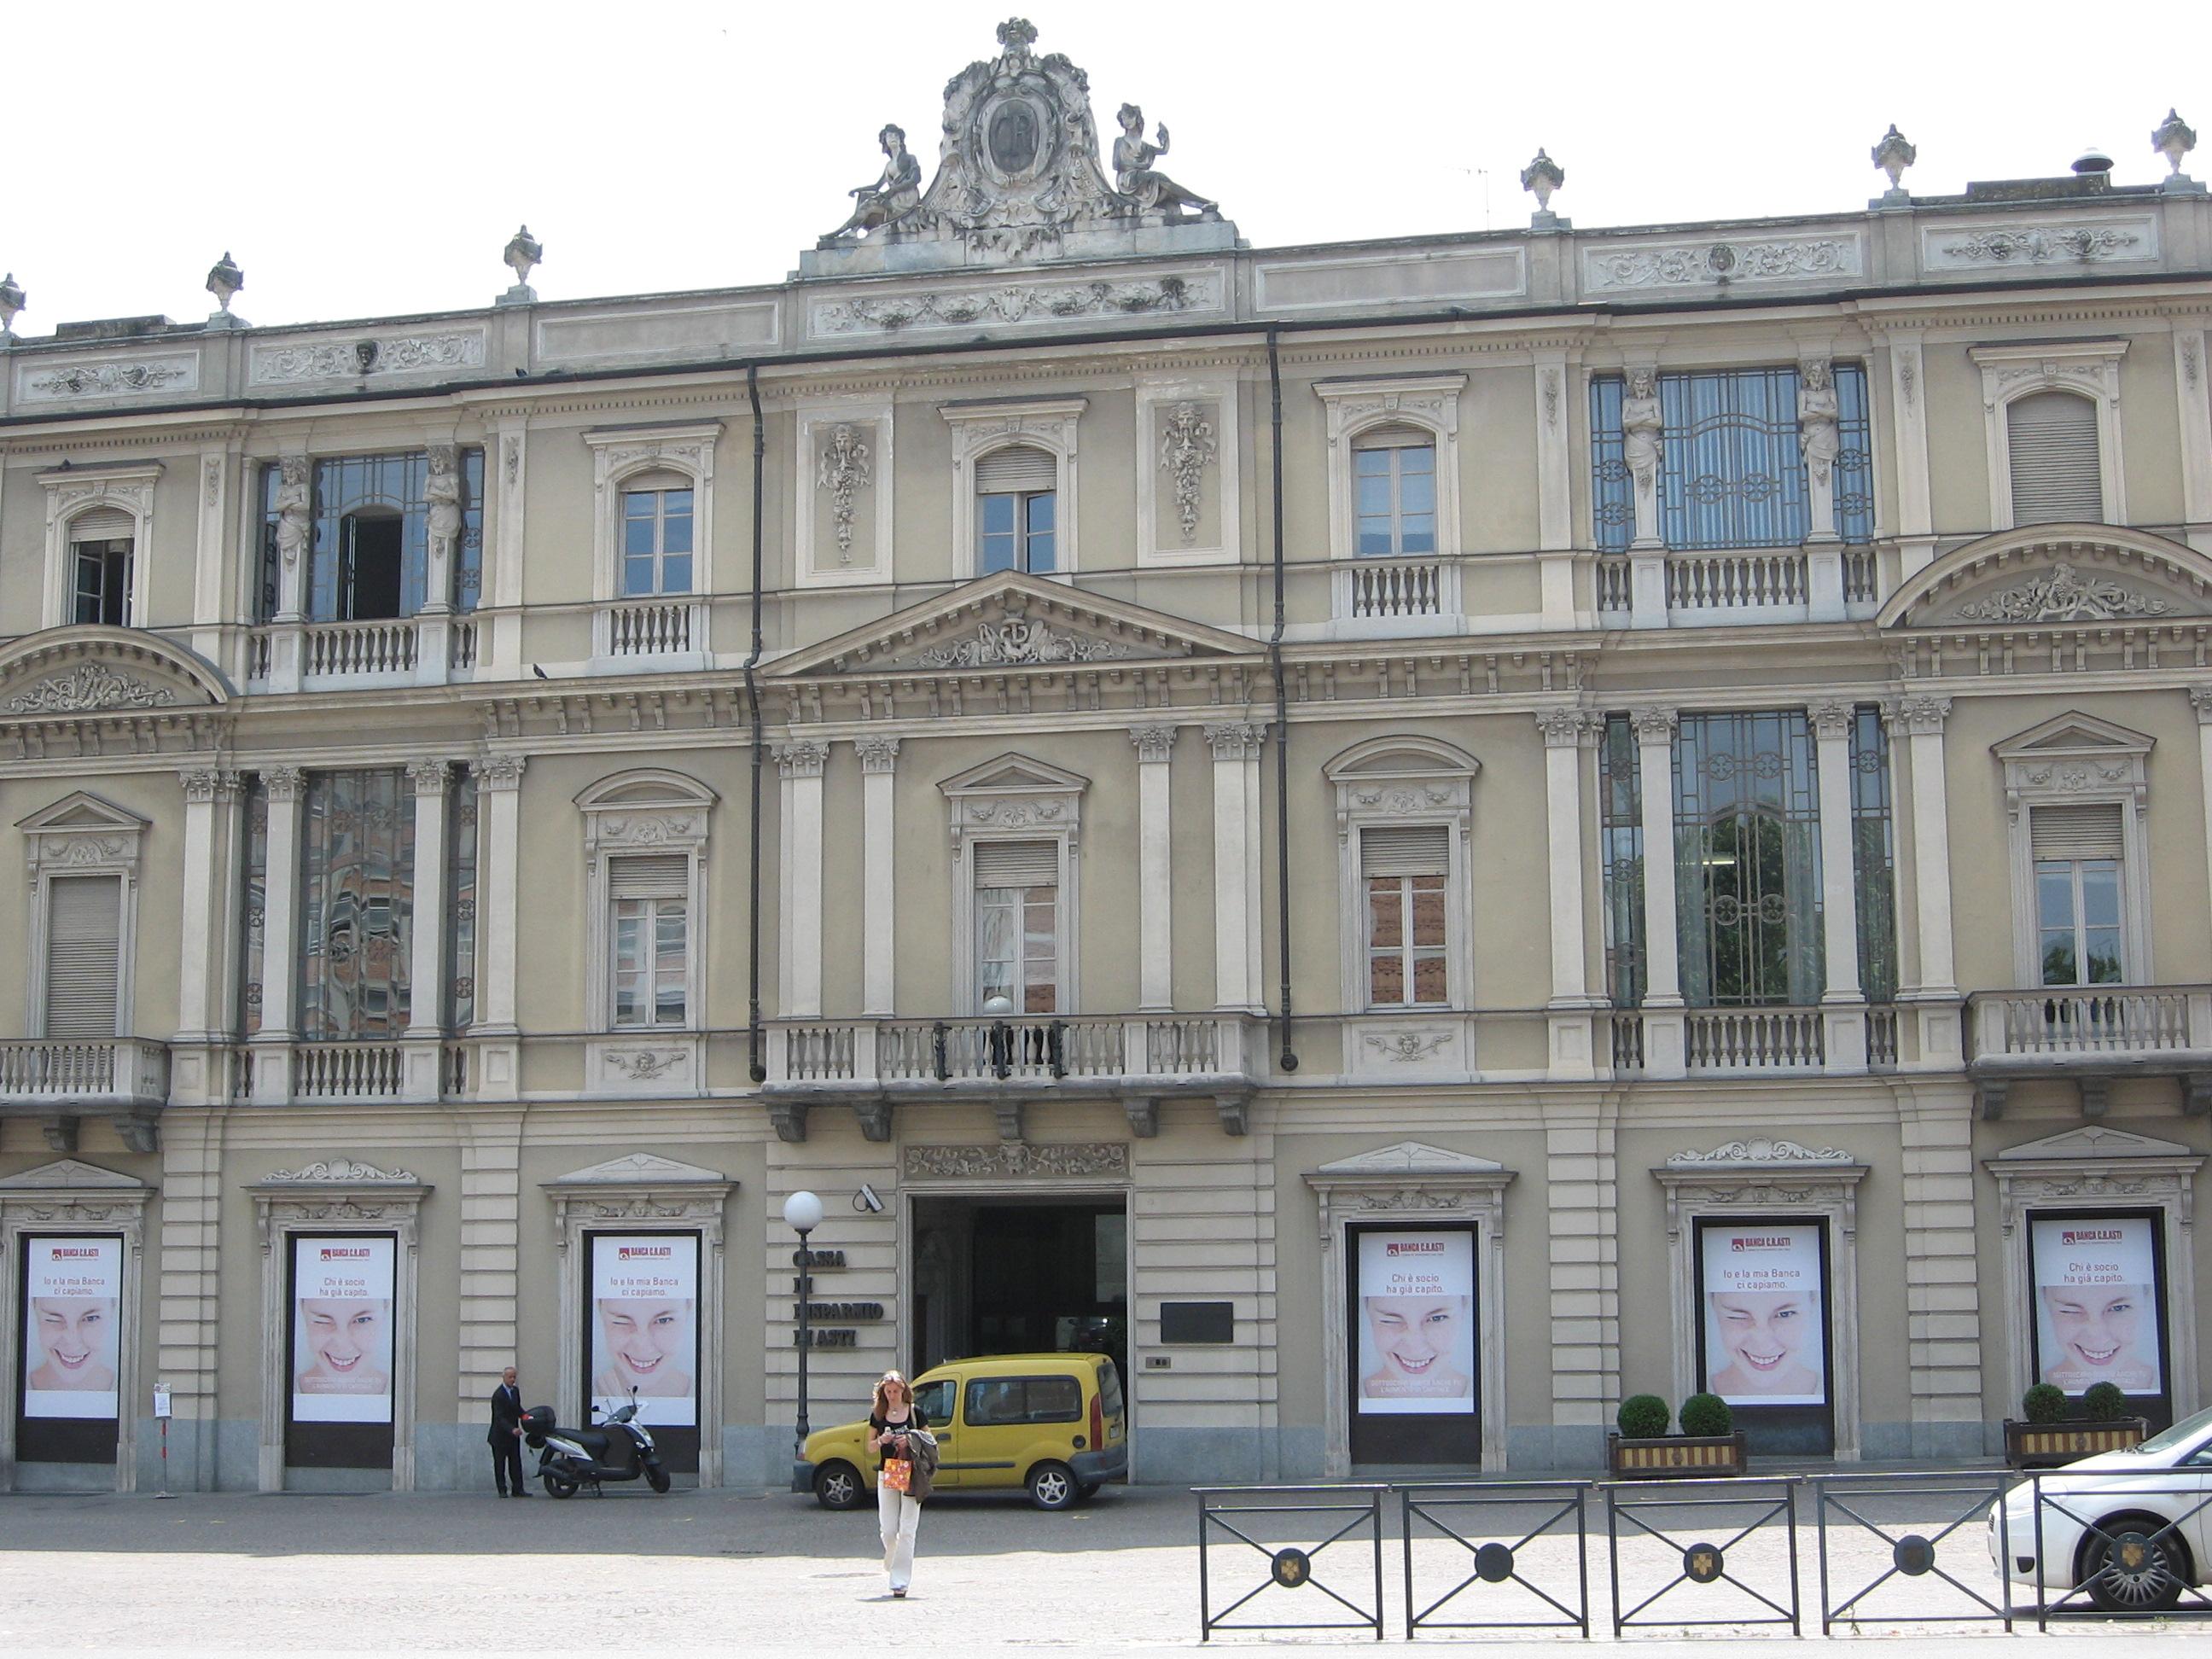 La Banca di Asti stringe accordi con il Gruppo Helvetia e con Cnp Assurances